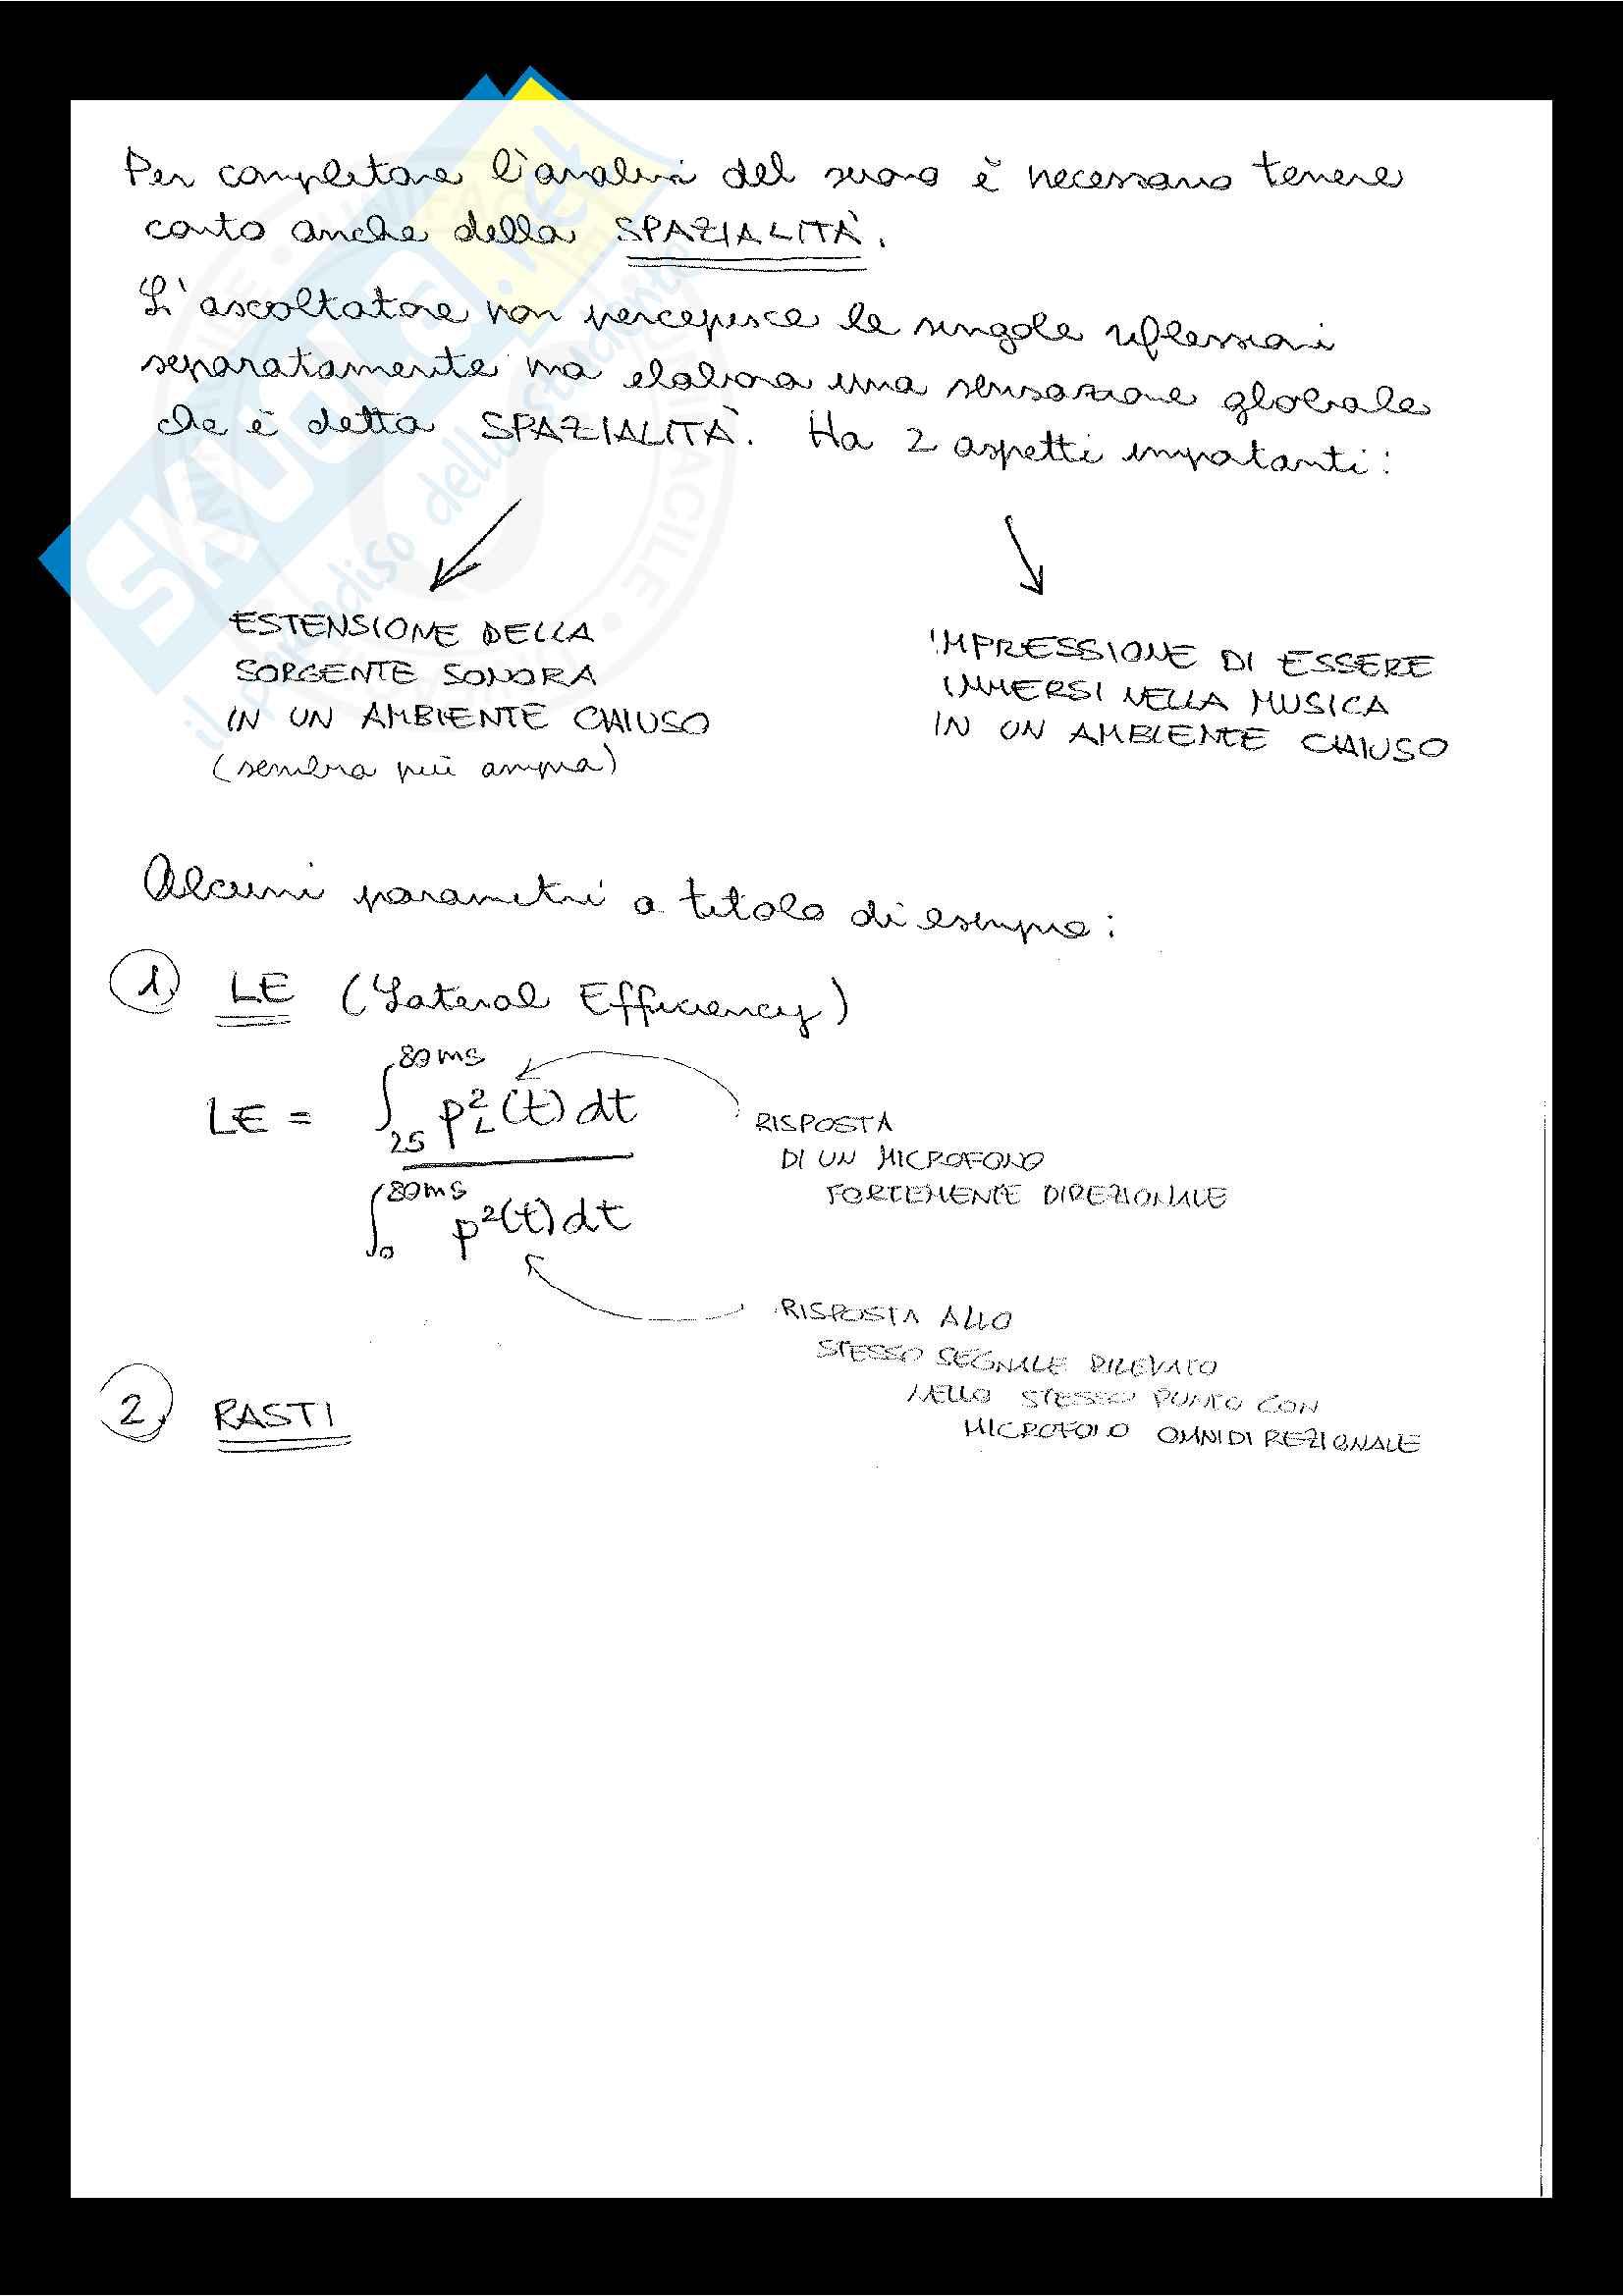 Appunti completi acustica e illuminotecnica perfetti Pag. 41